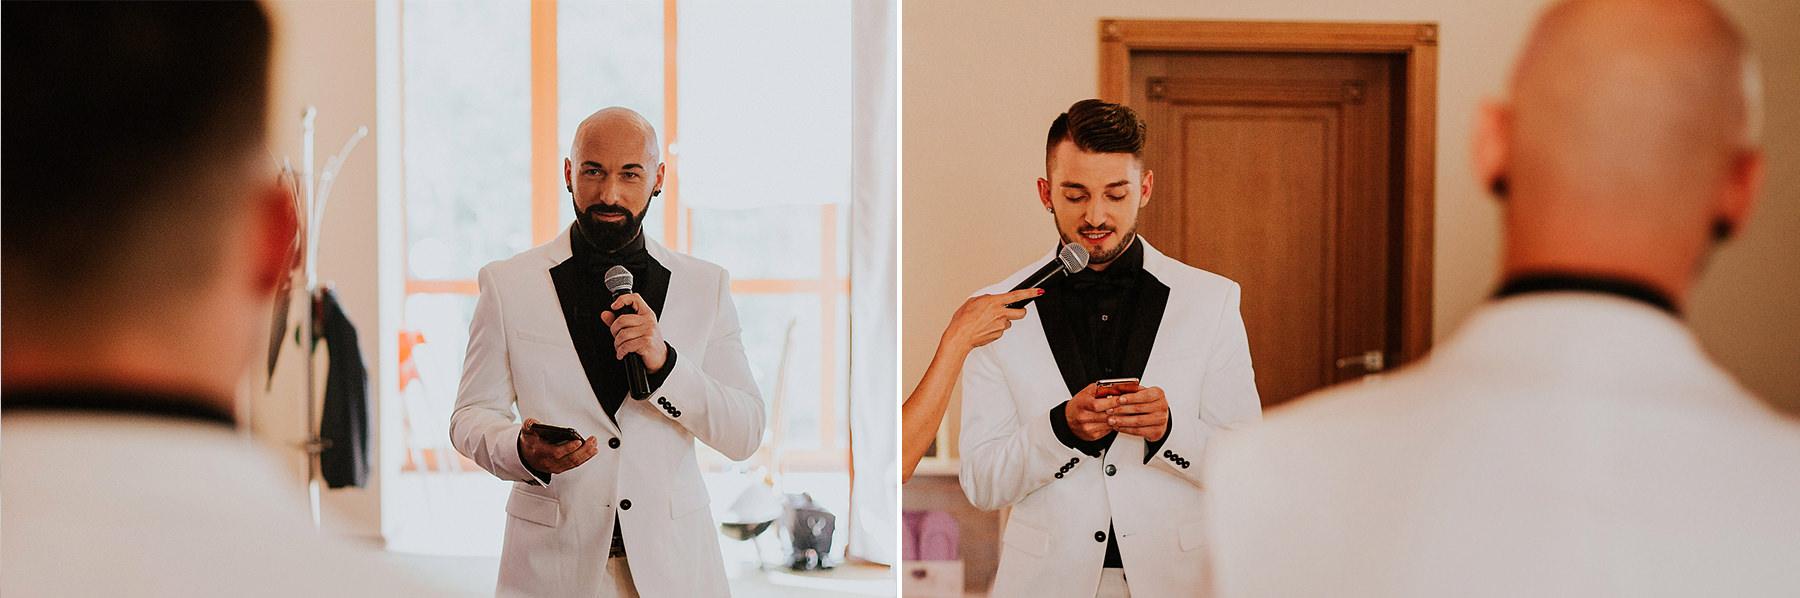 gejowski ślub w polsce